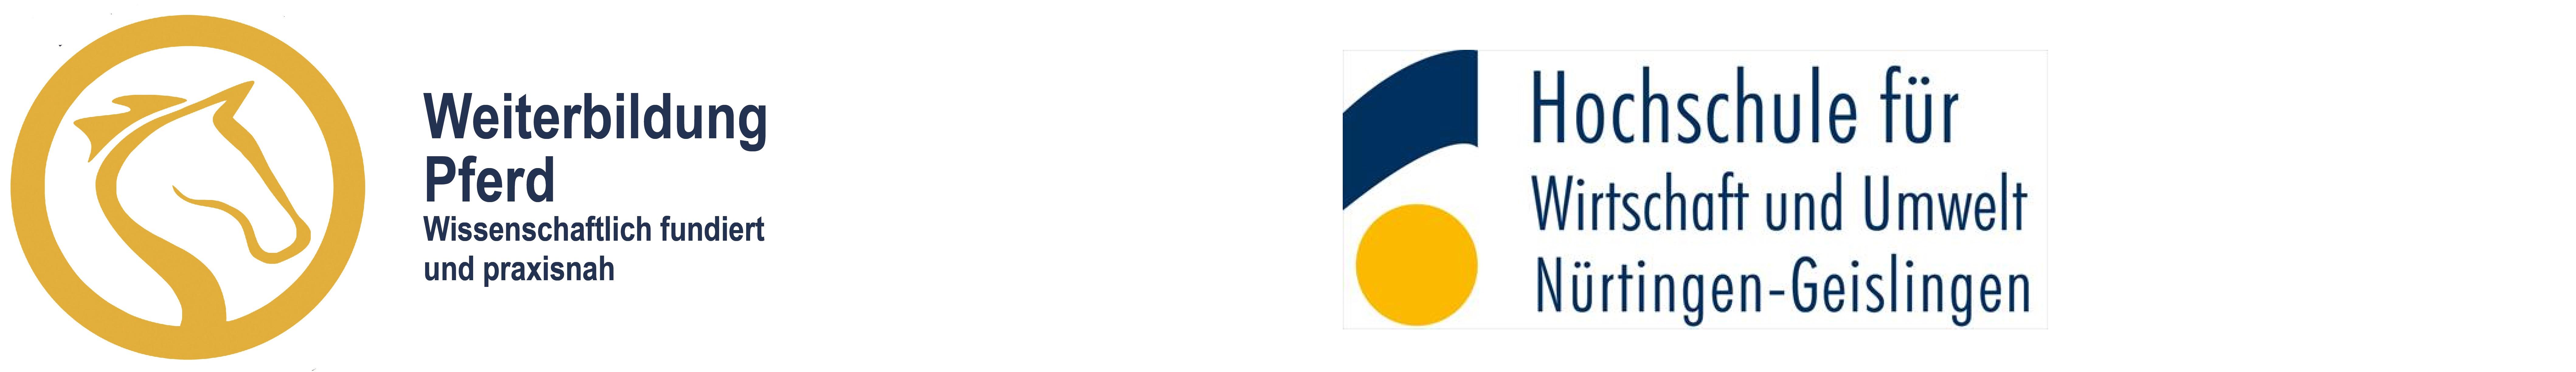 Logo der Weiterbildung Pferd und HfWU Hochschule für Wirtschaft und Umwelt Nürtingen-Geislingen